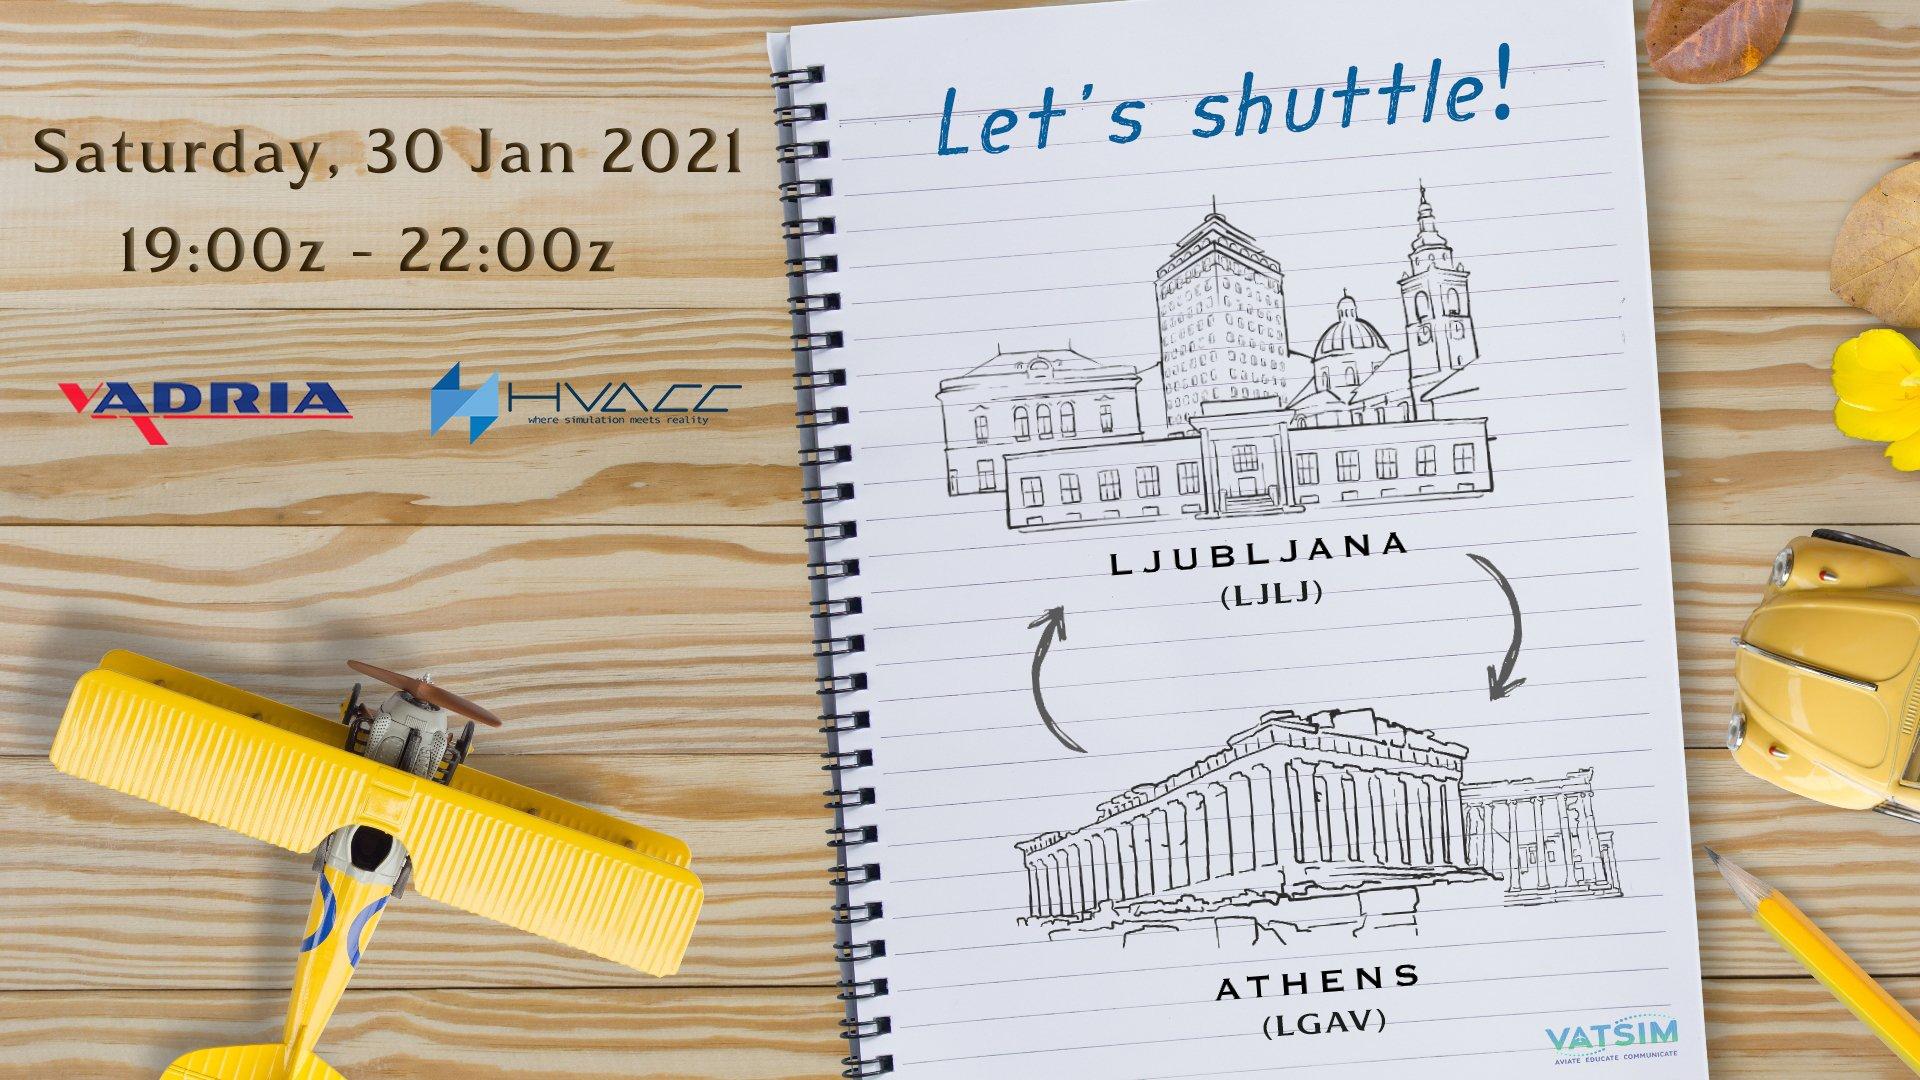 Let's shuttle! Athens (LGAV) <--> Ljubljana (LJLJ) | Saturday 30 Jan | 21:00 - 24:00 local